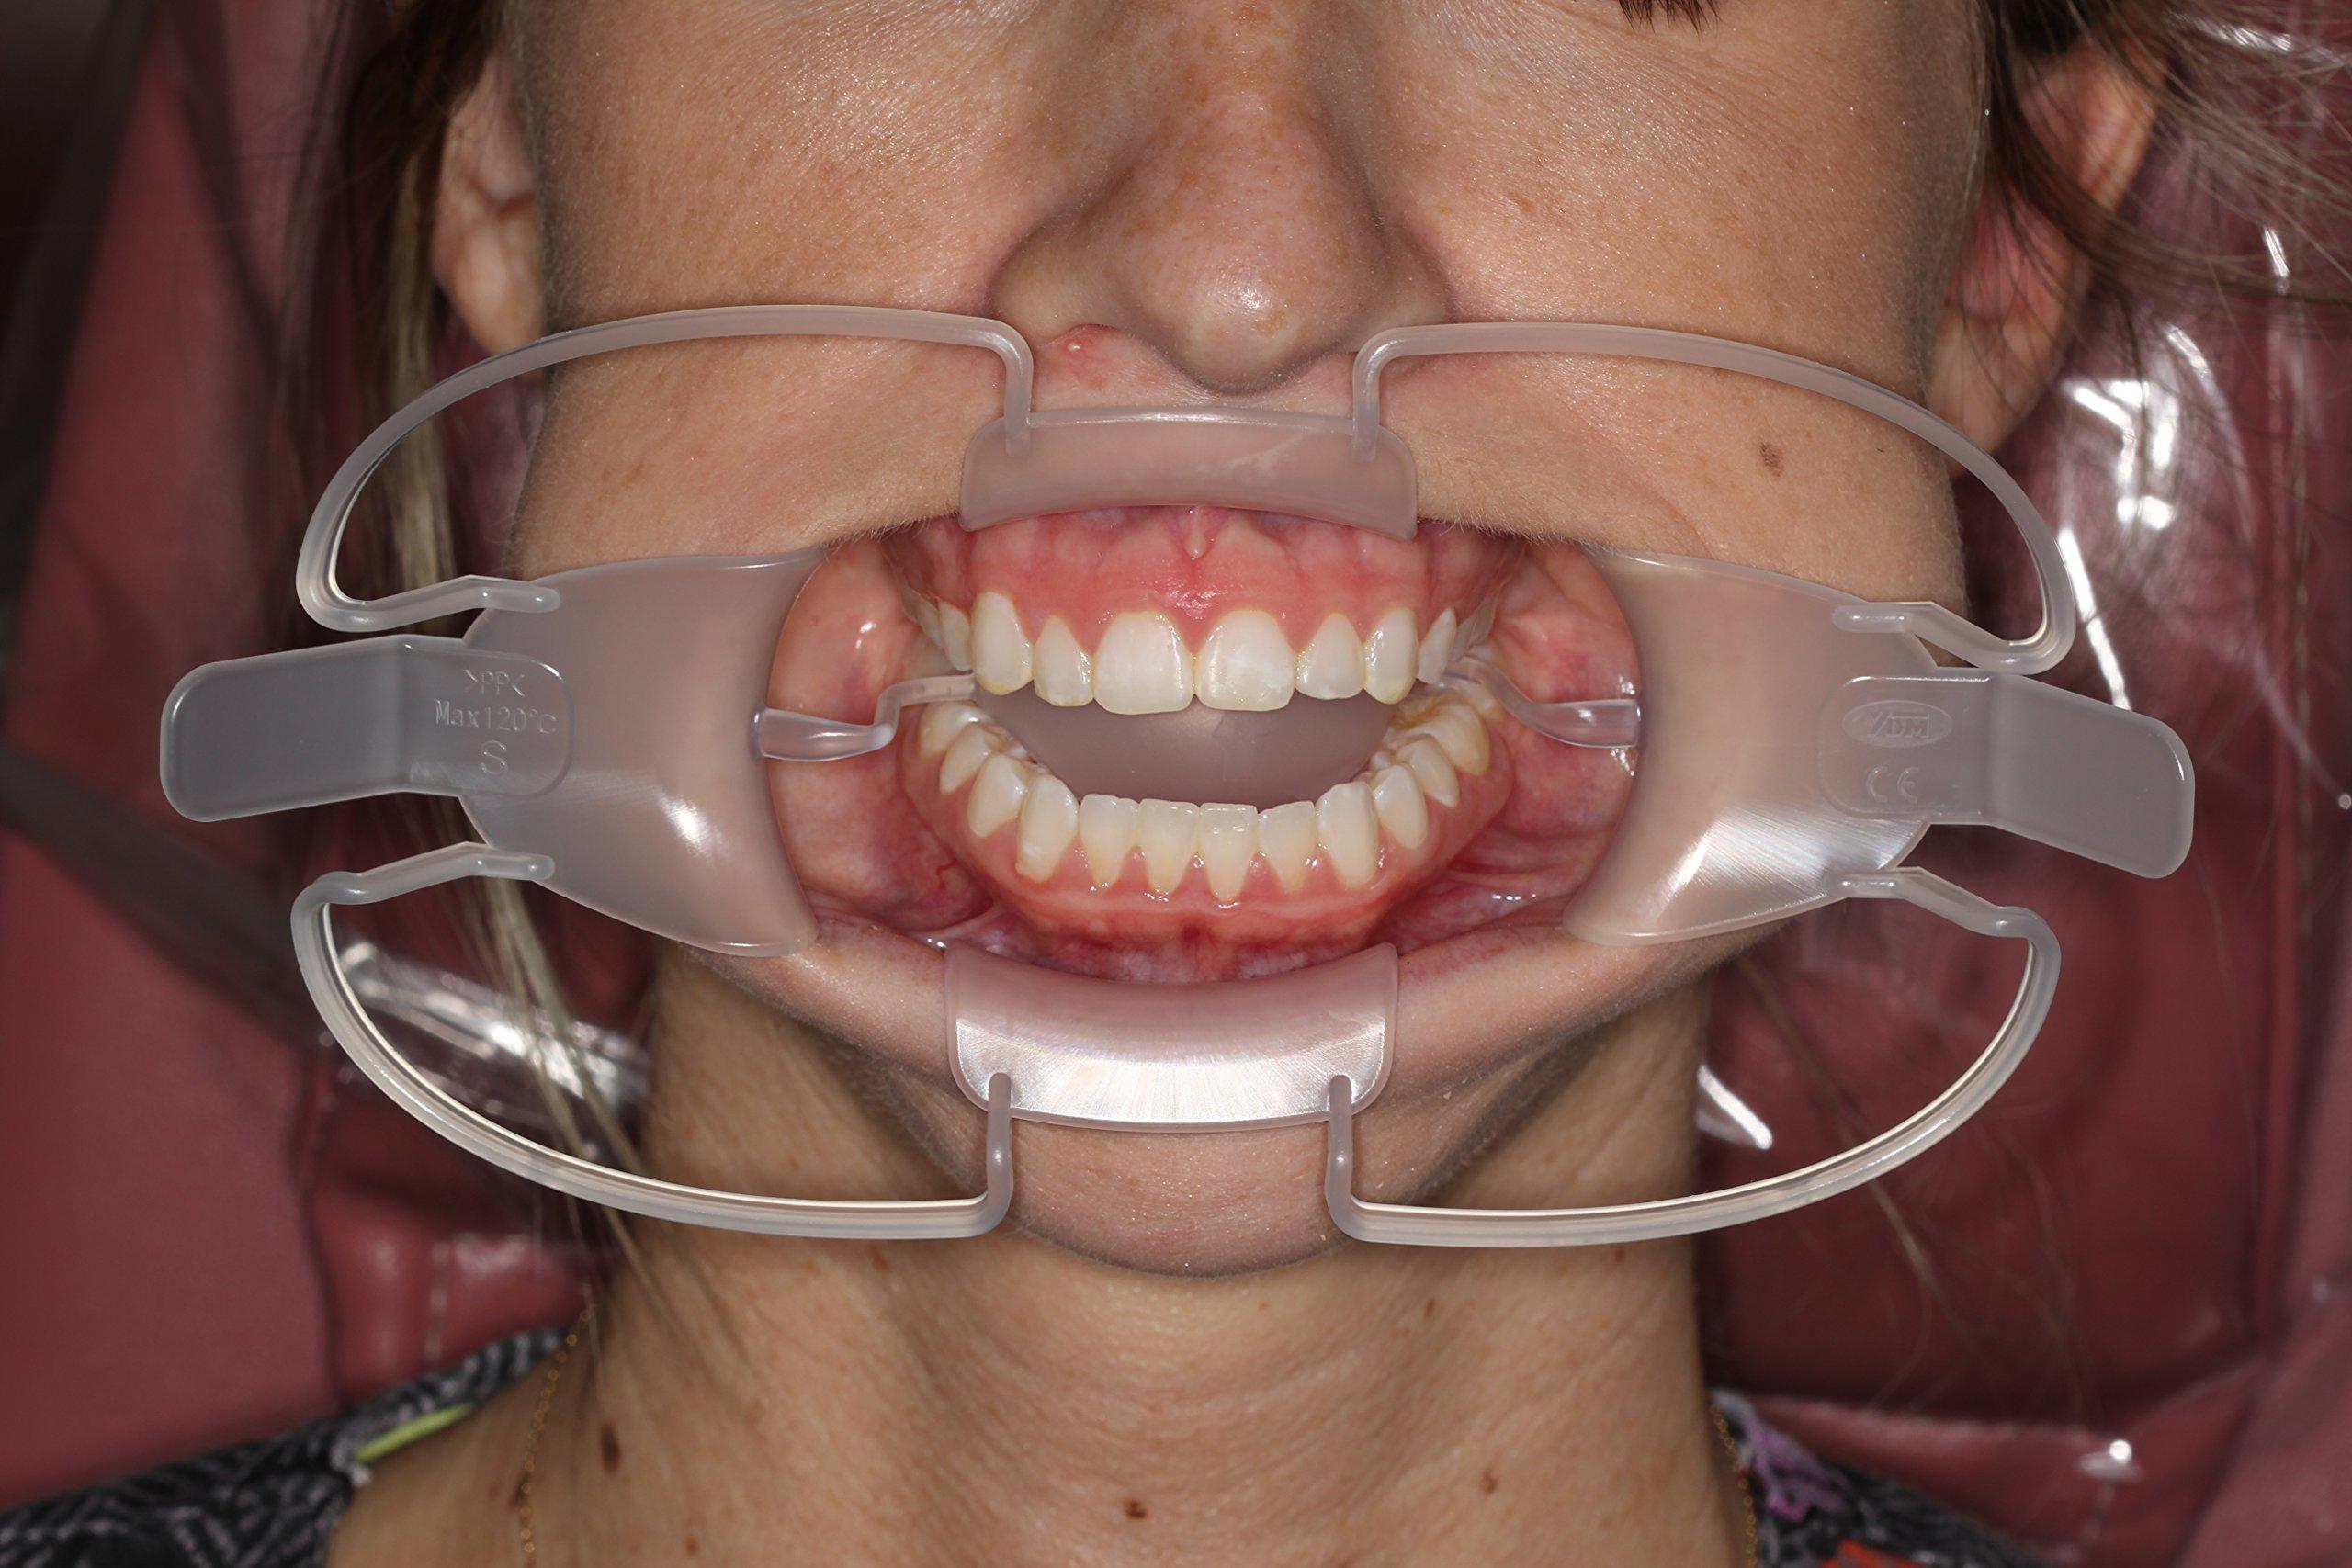 SeeMore Lip, Cheek and Tongue Retractors